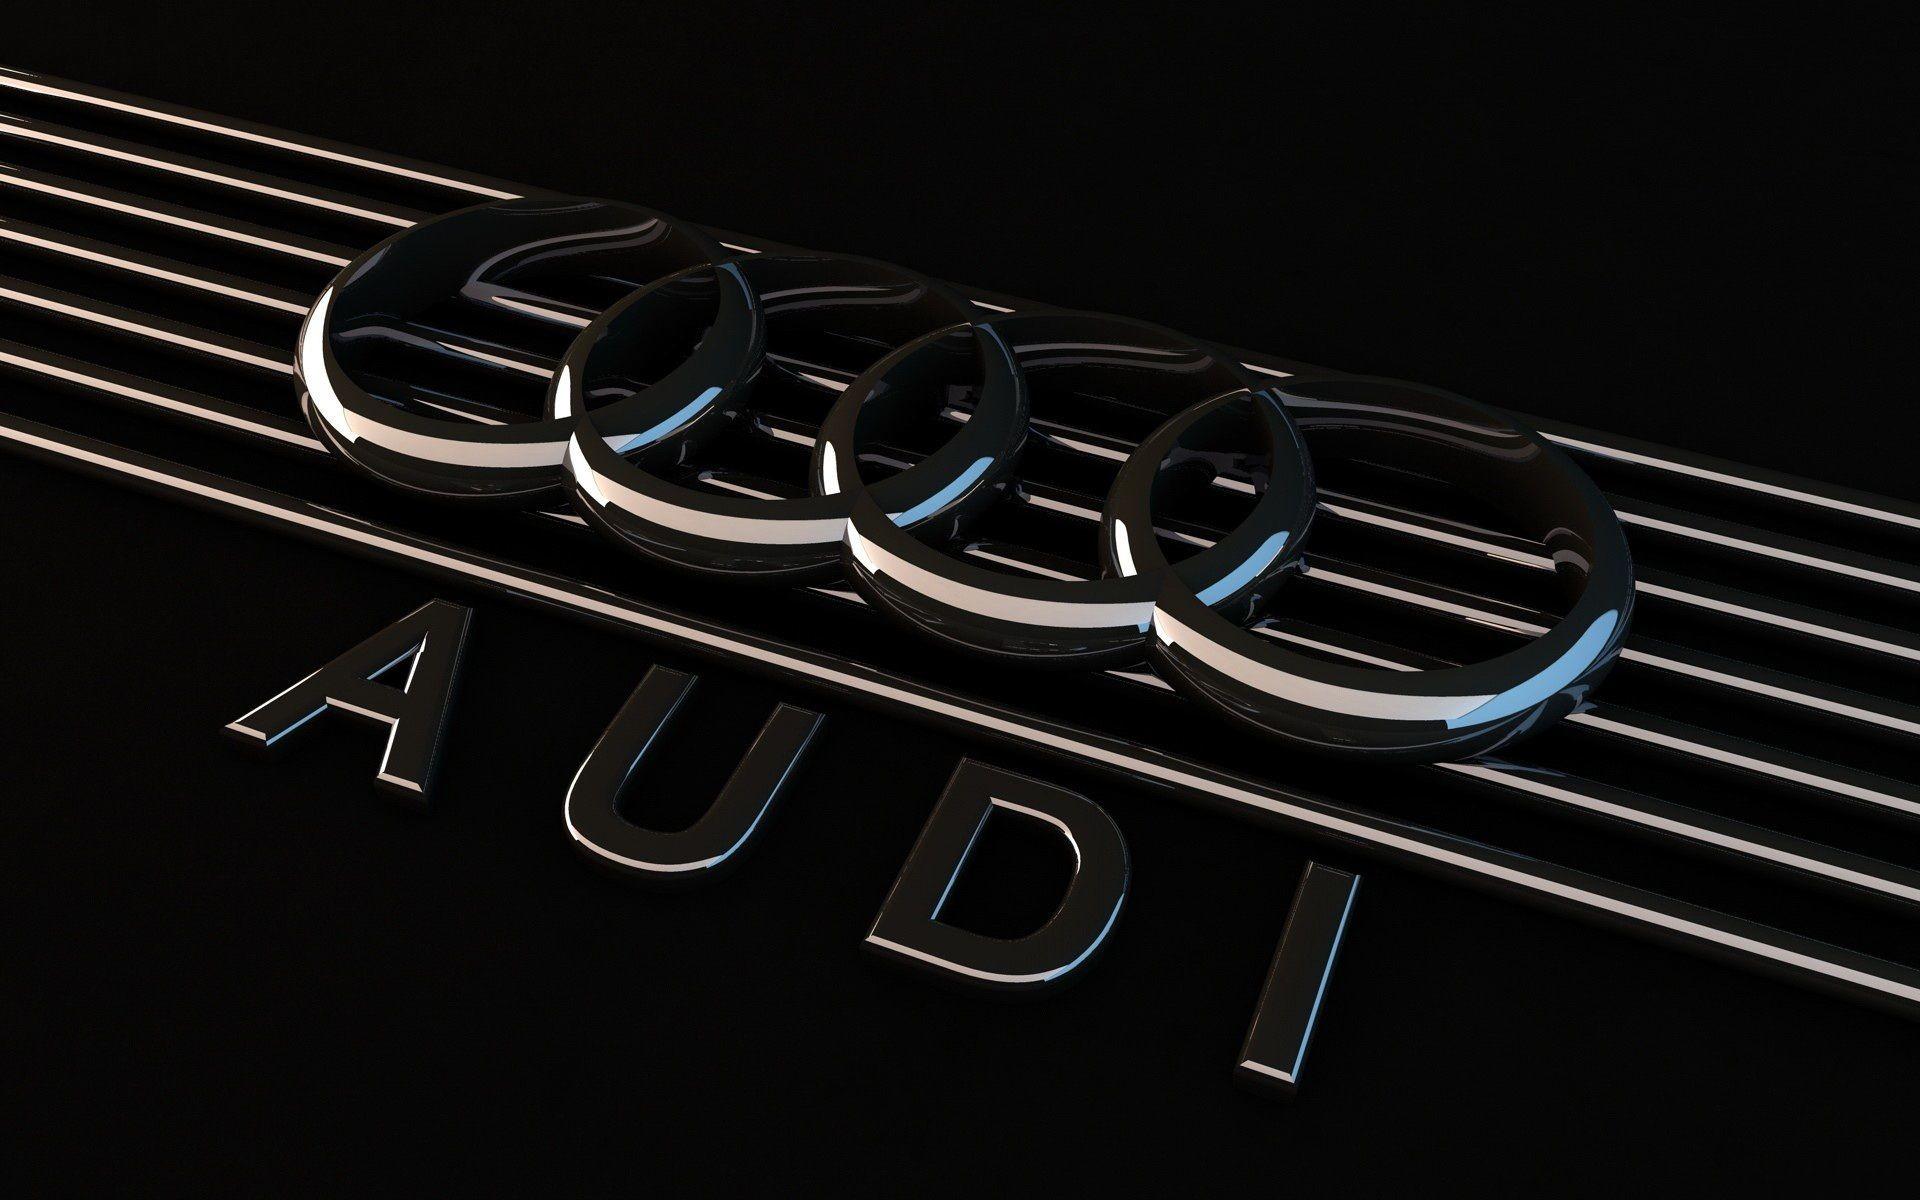 Audi Rings Black Background Telpn – FewMo.com – Cool Car Wallpaper